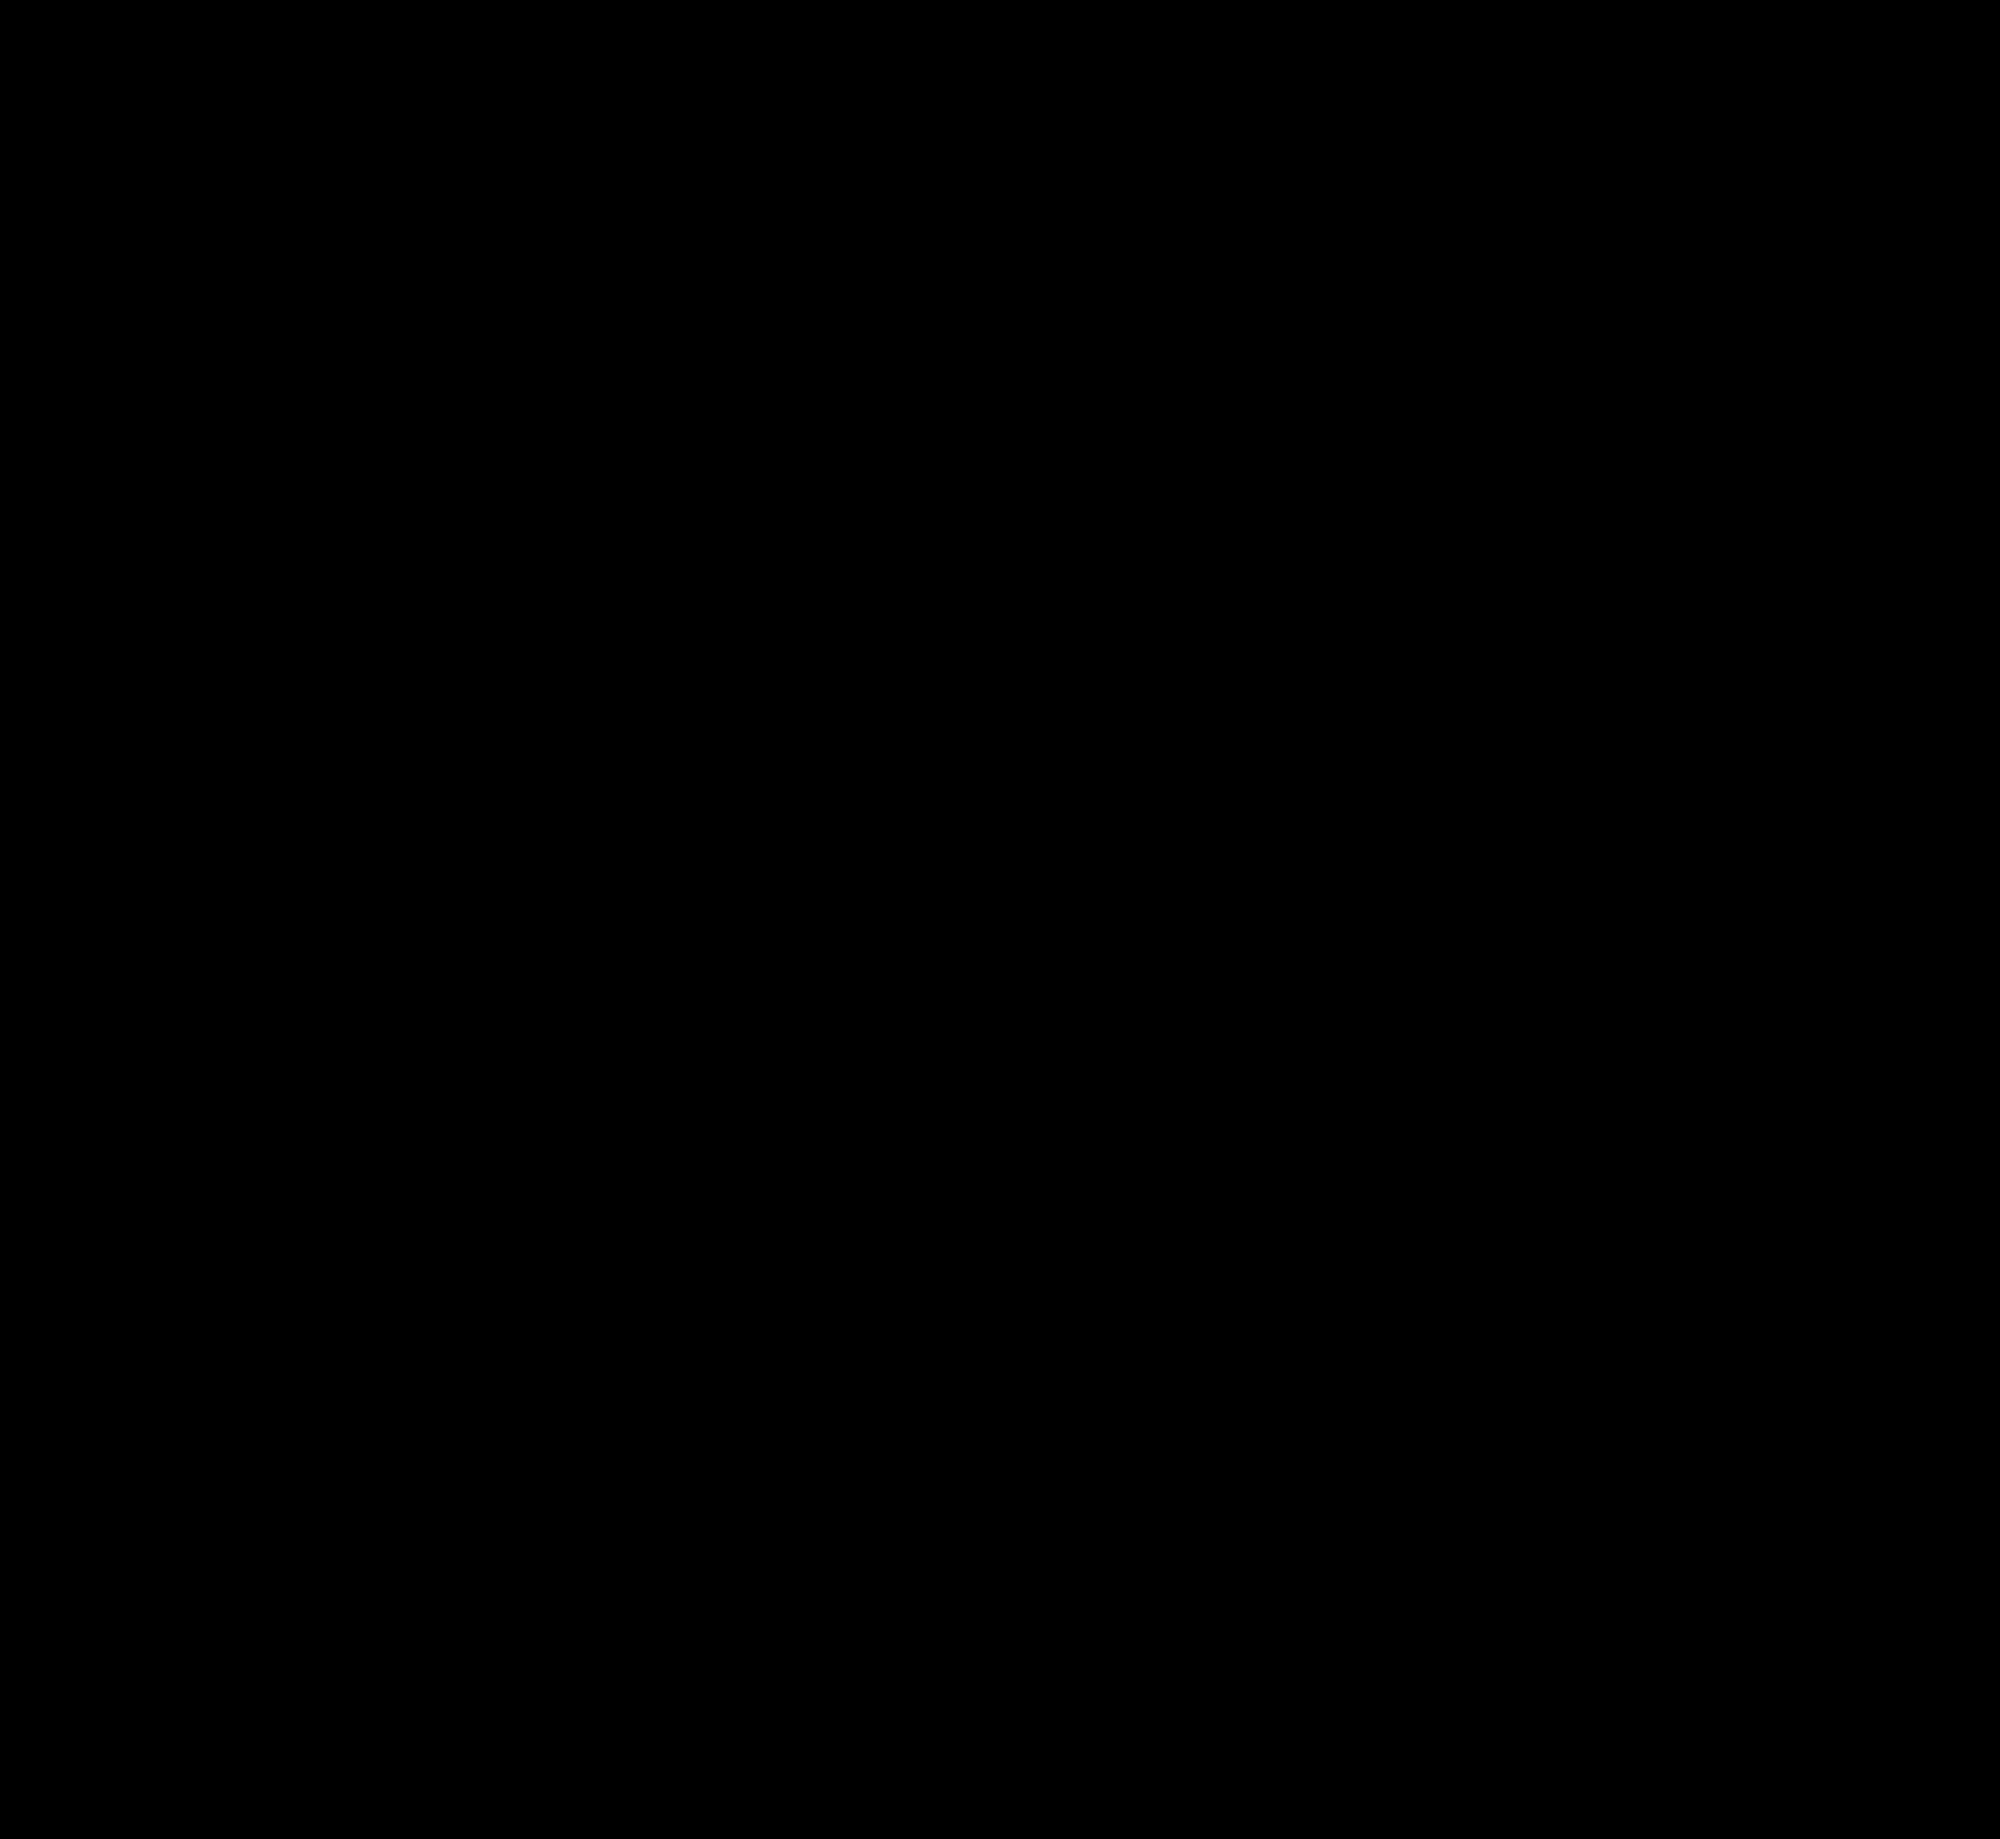 File Triquetra pngTriquetra